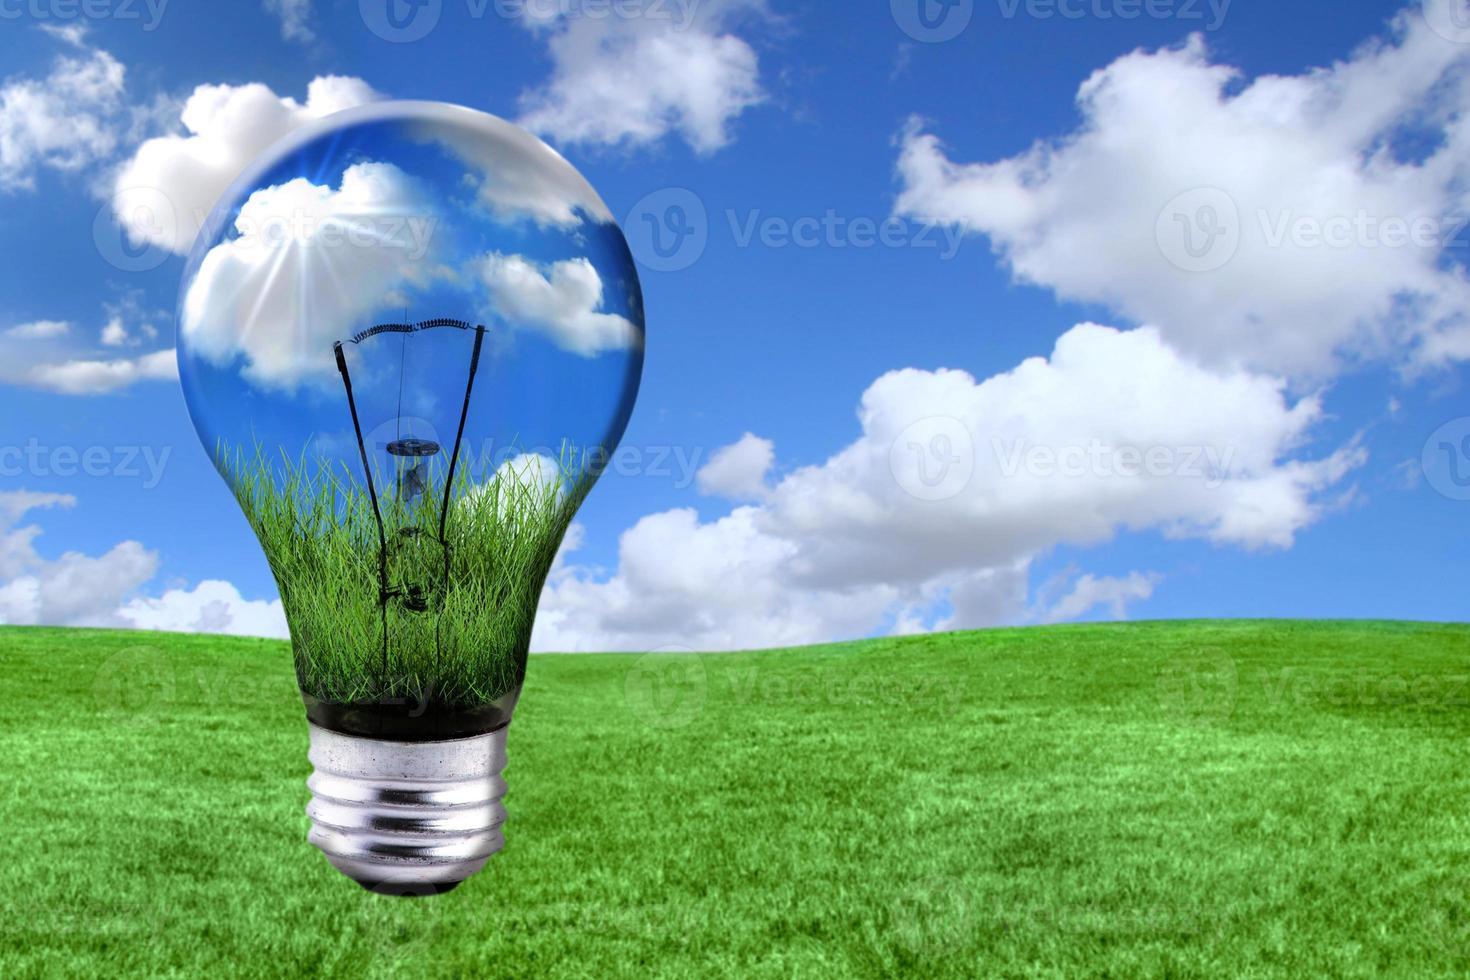 Soluciones de energía verde con bombilla transformada en paisaje. foto